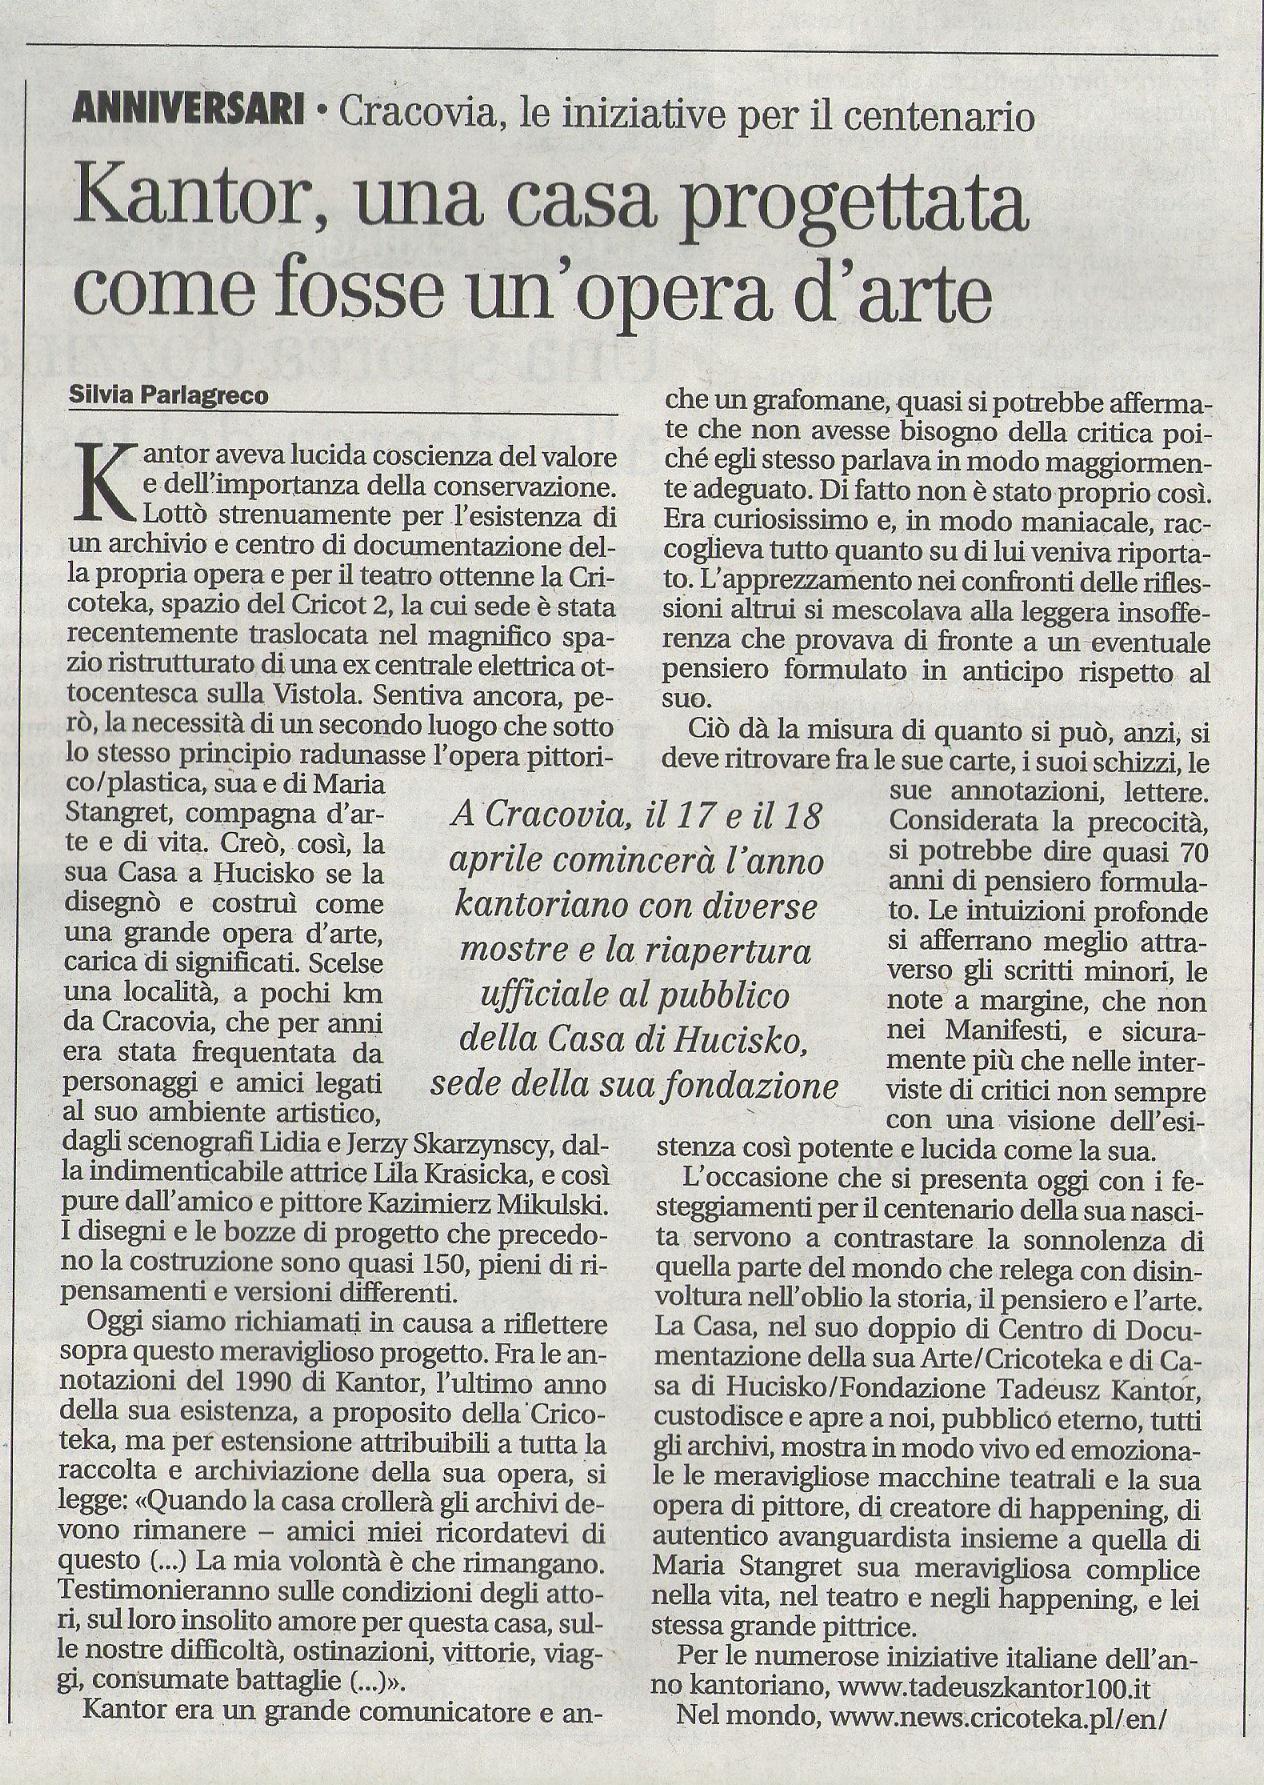 Silvia Parlagreco oTadeuszu Kantorze wIl Manifesto, 16 kwietnia 2015